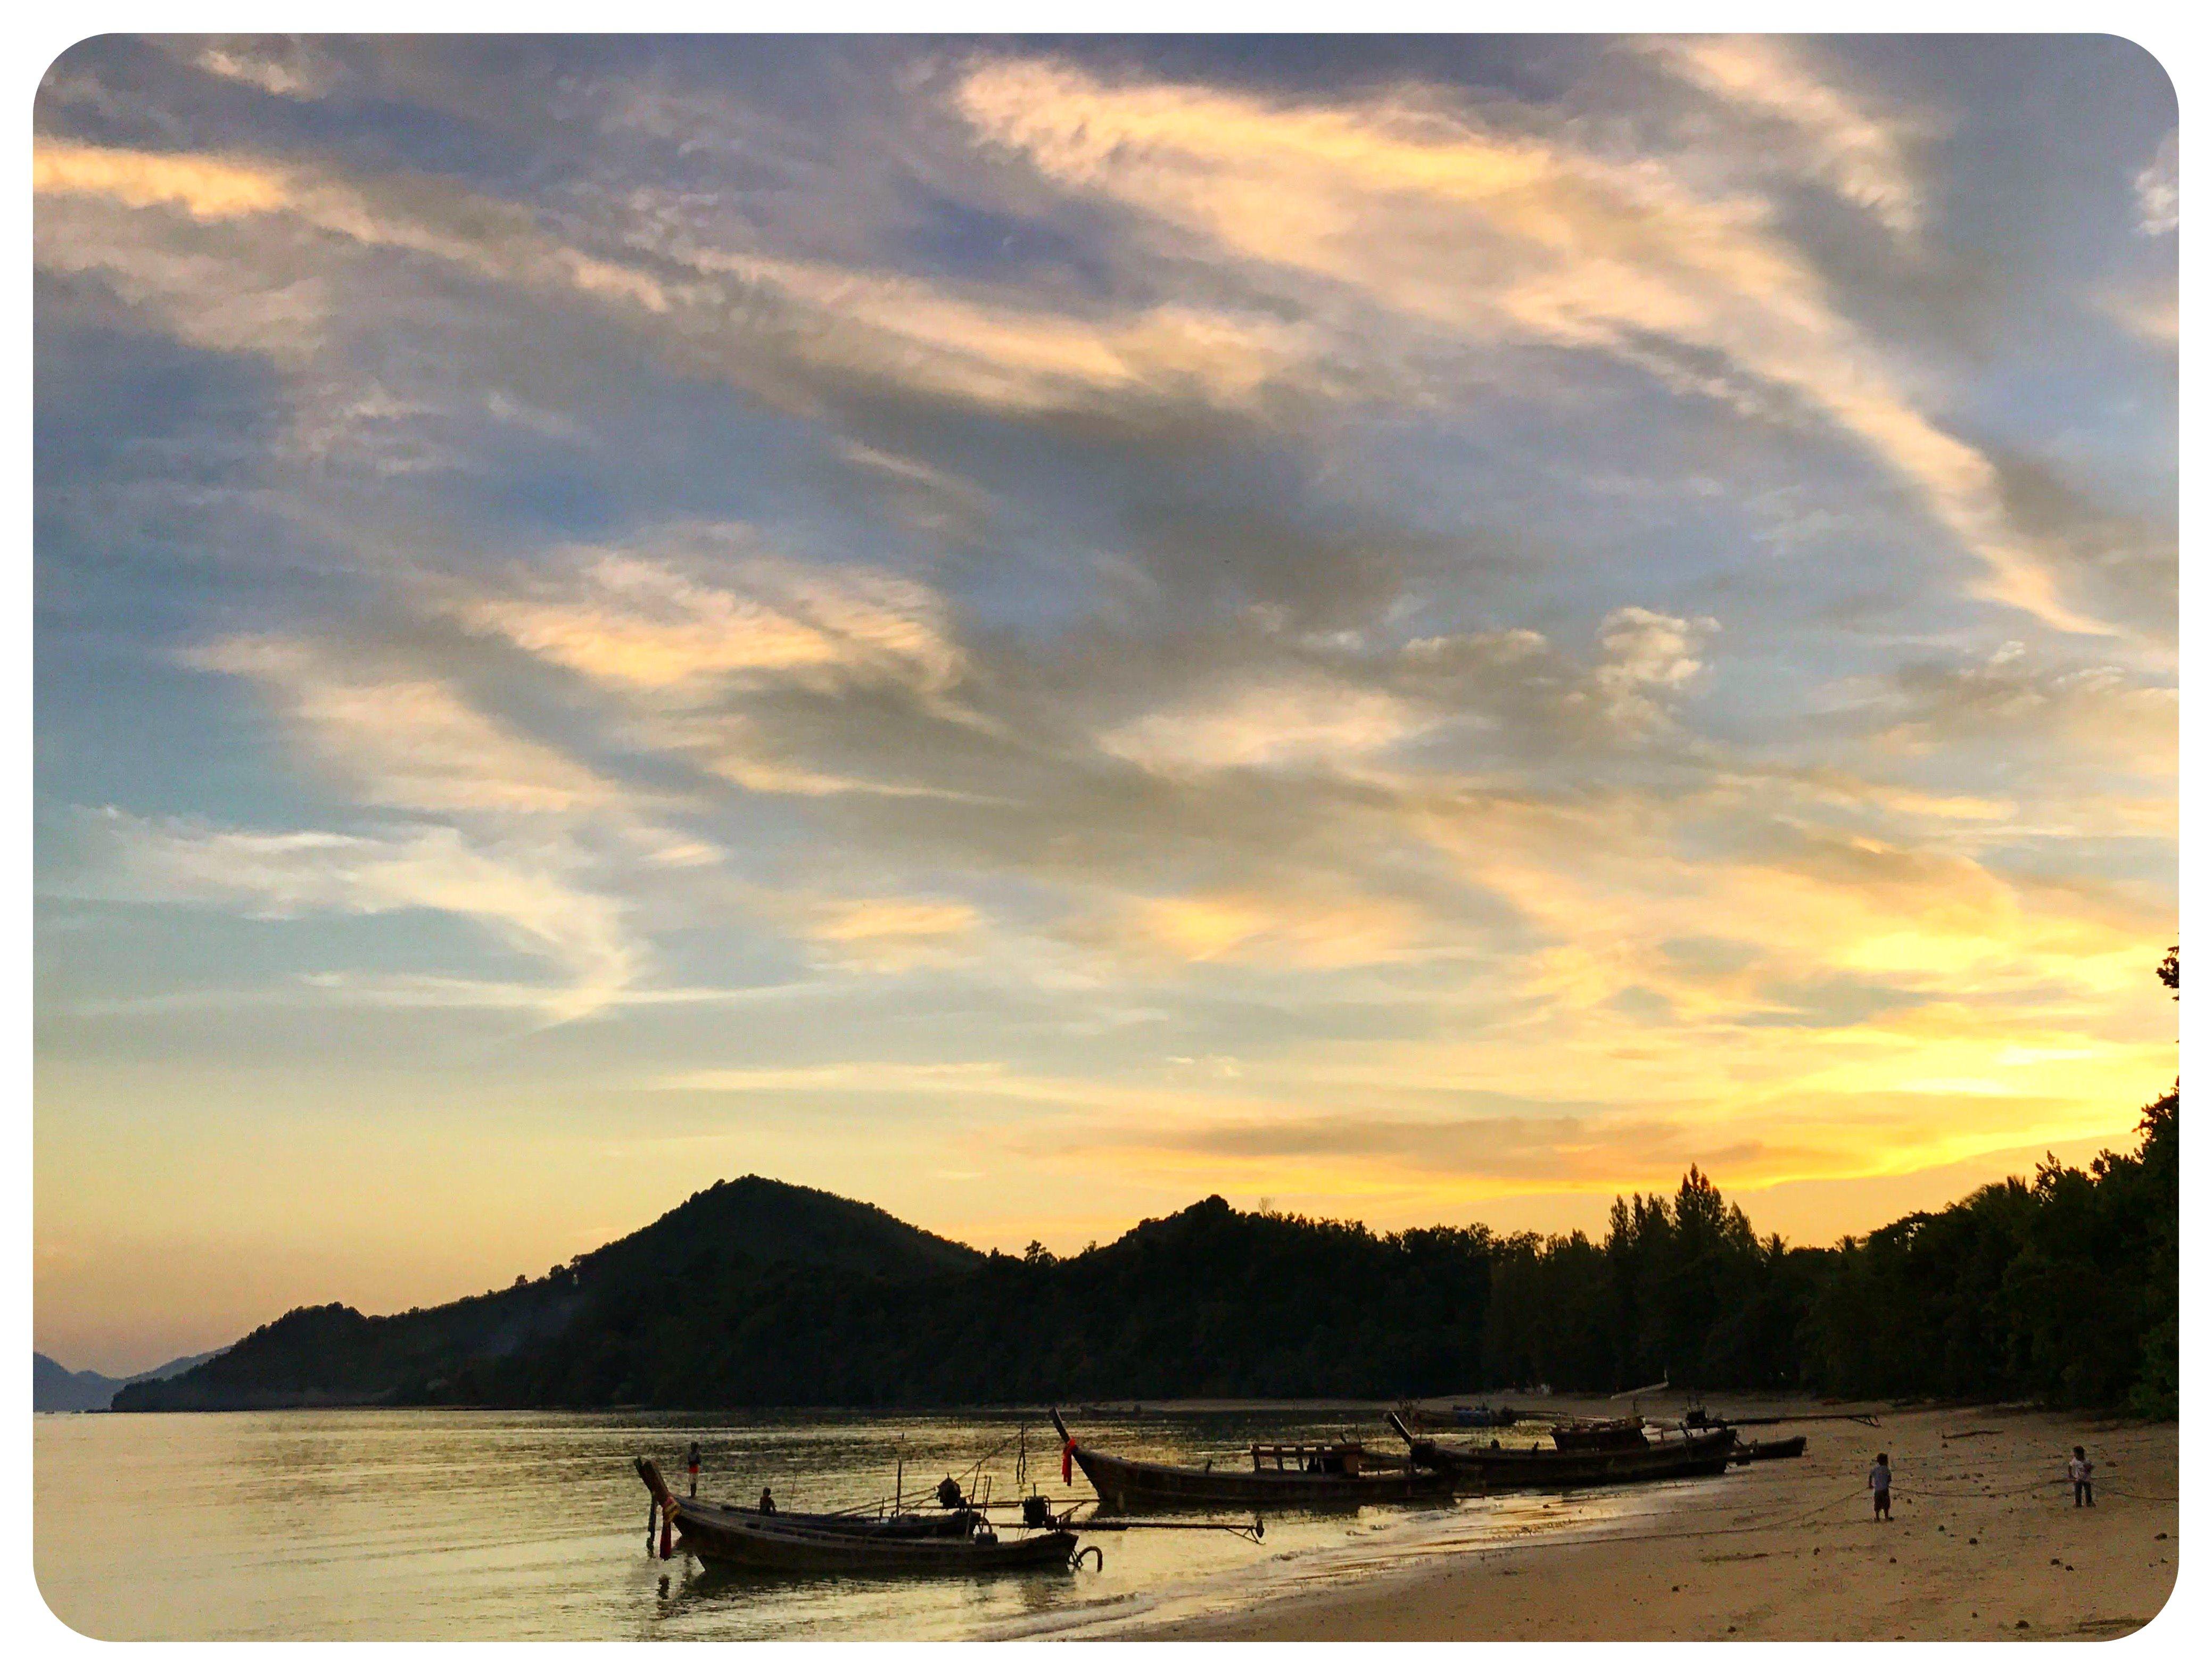 koh yao noi sunset